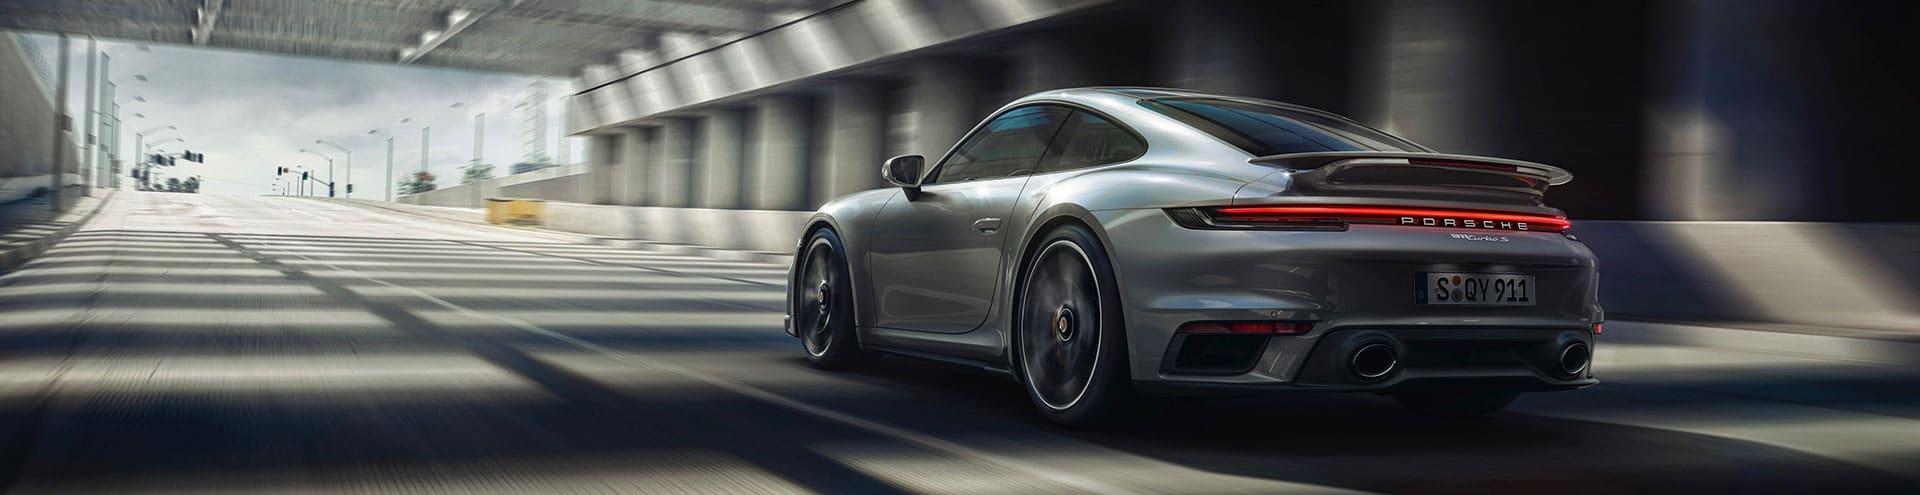 La nouvelle Porsche 911 Turbo S : 650ch et 800Nm de sensations fortes